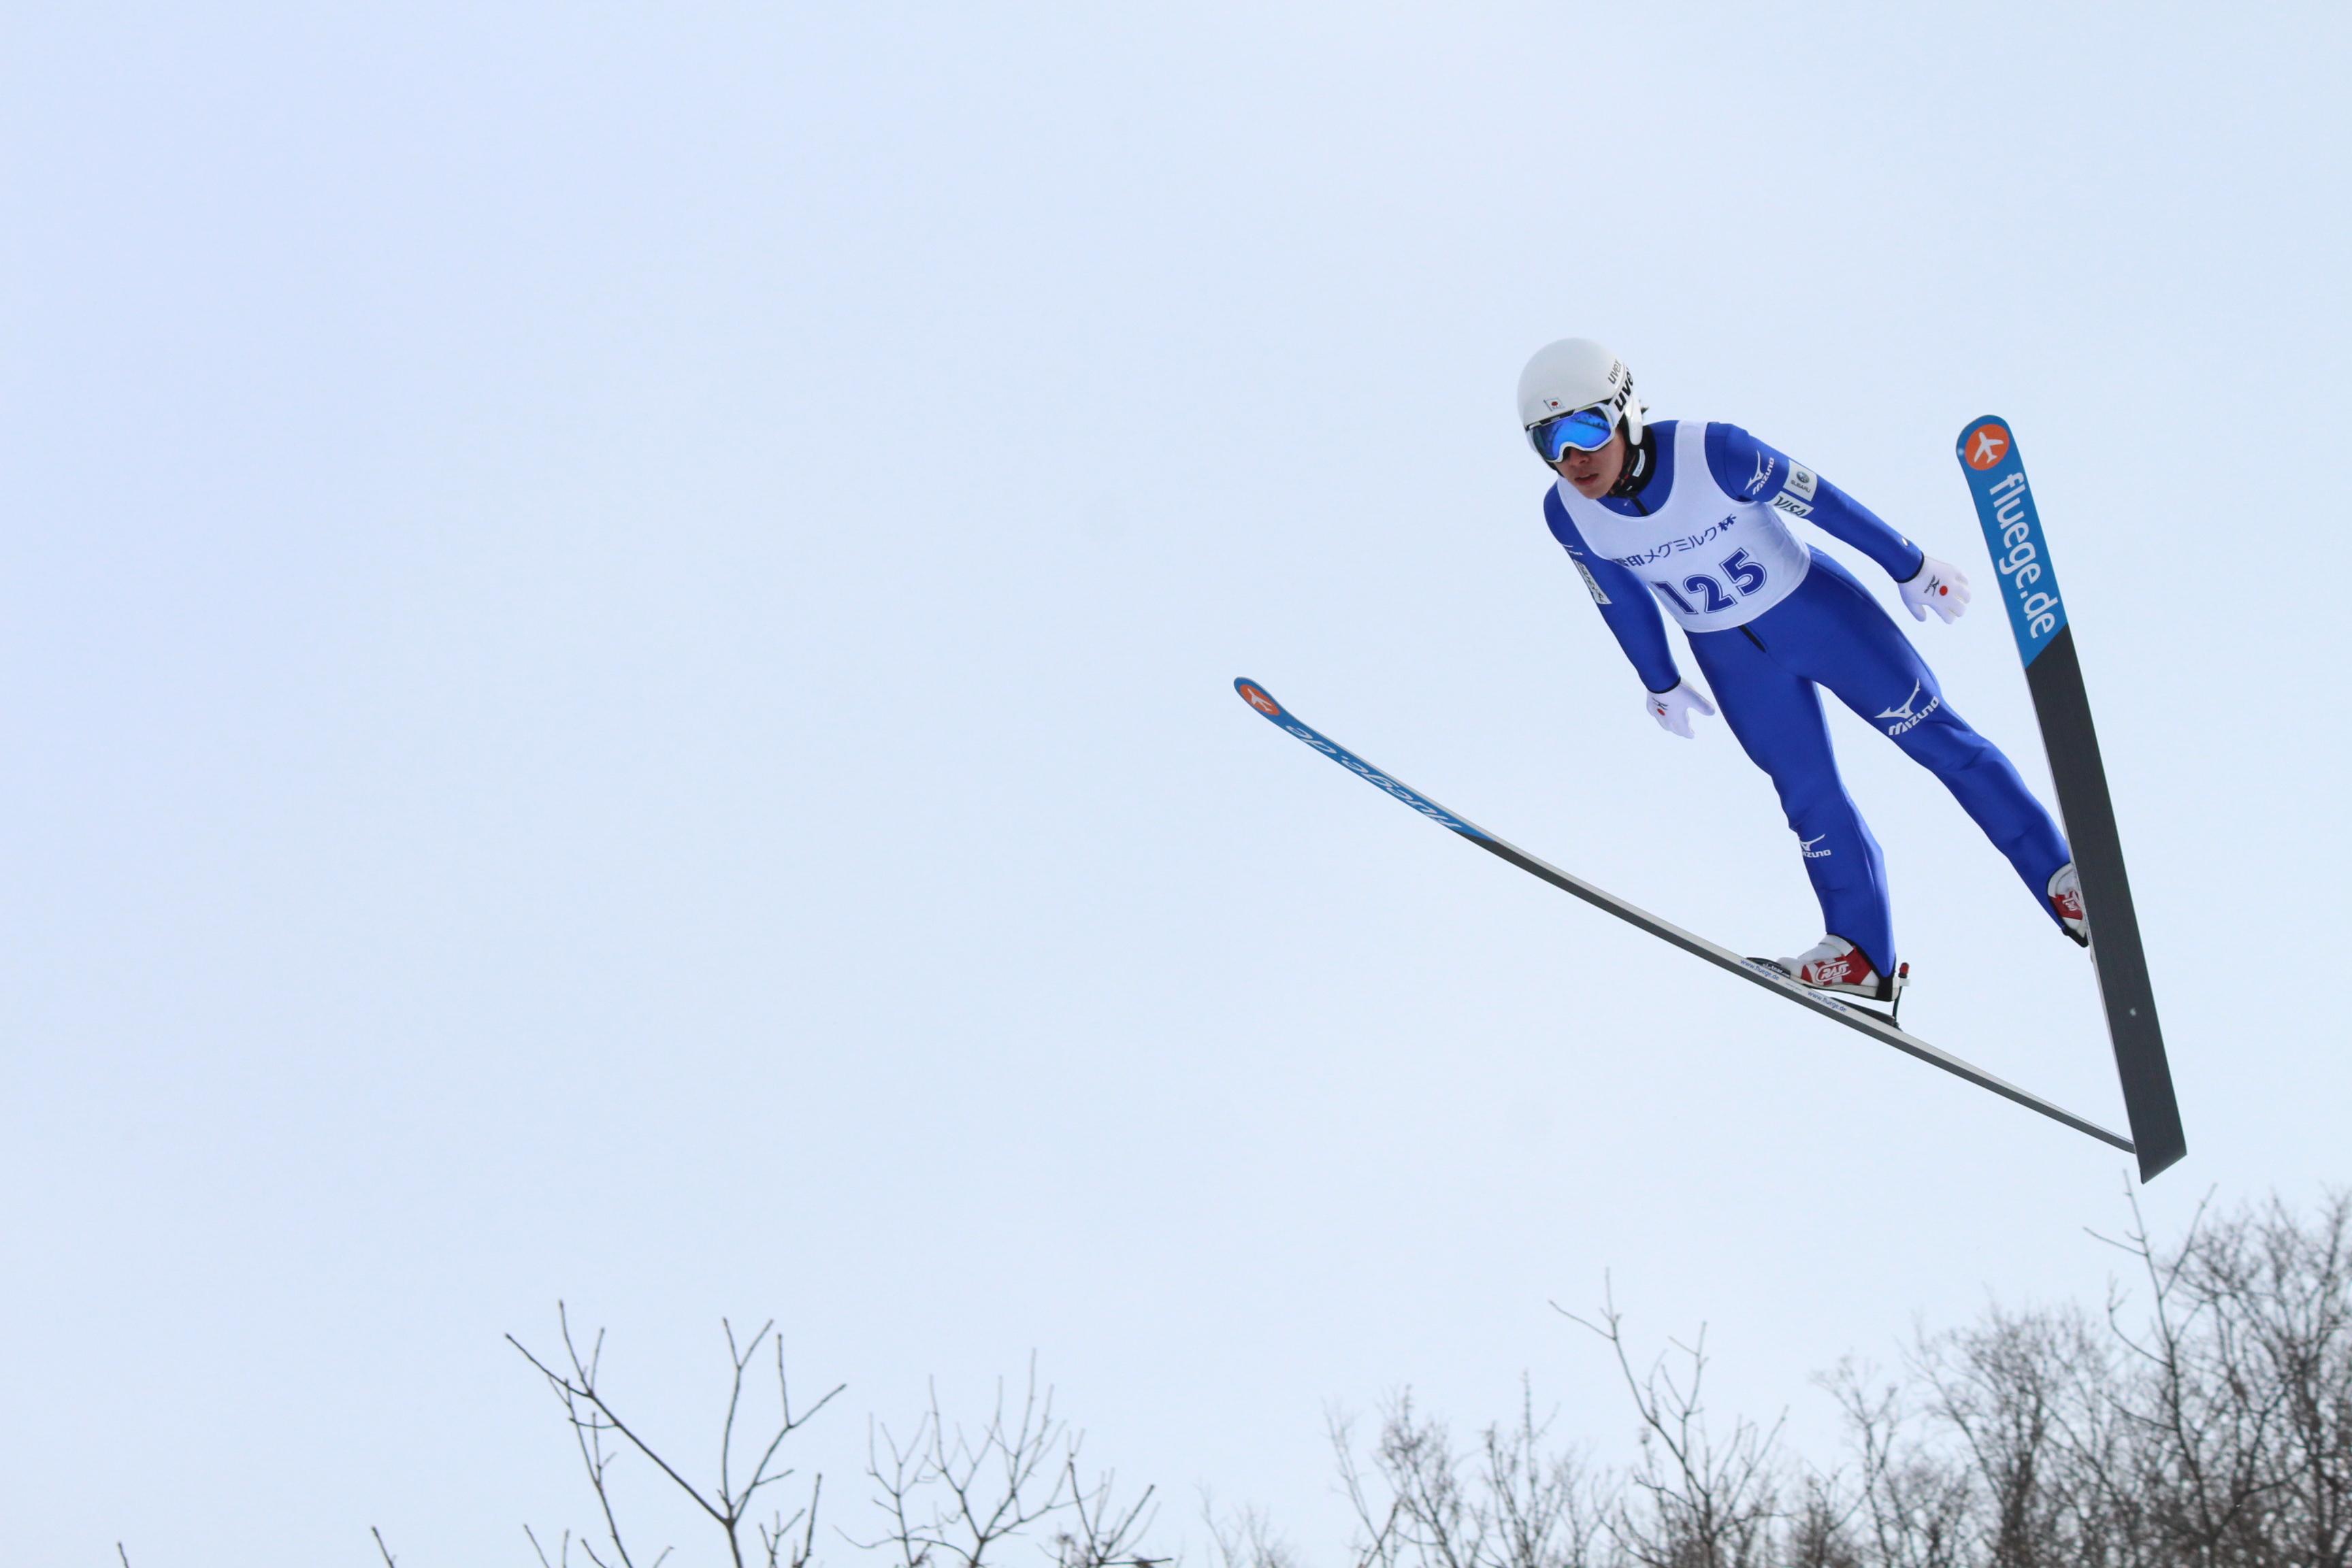 札幌 ワールド カップ スキー ジャンプ チーム概要/沿革